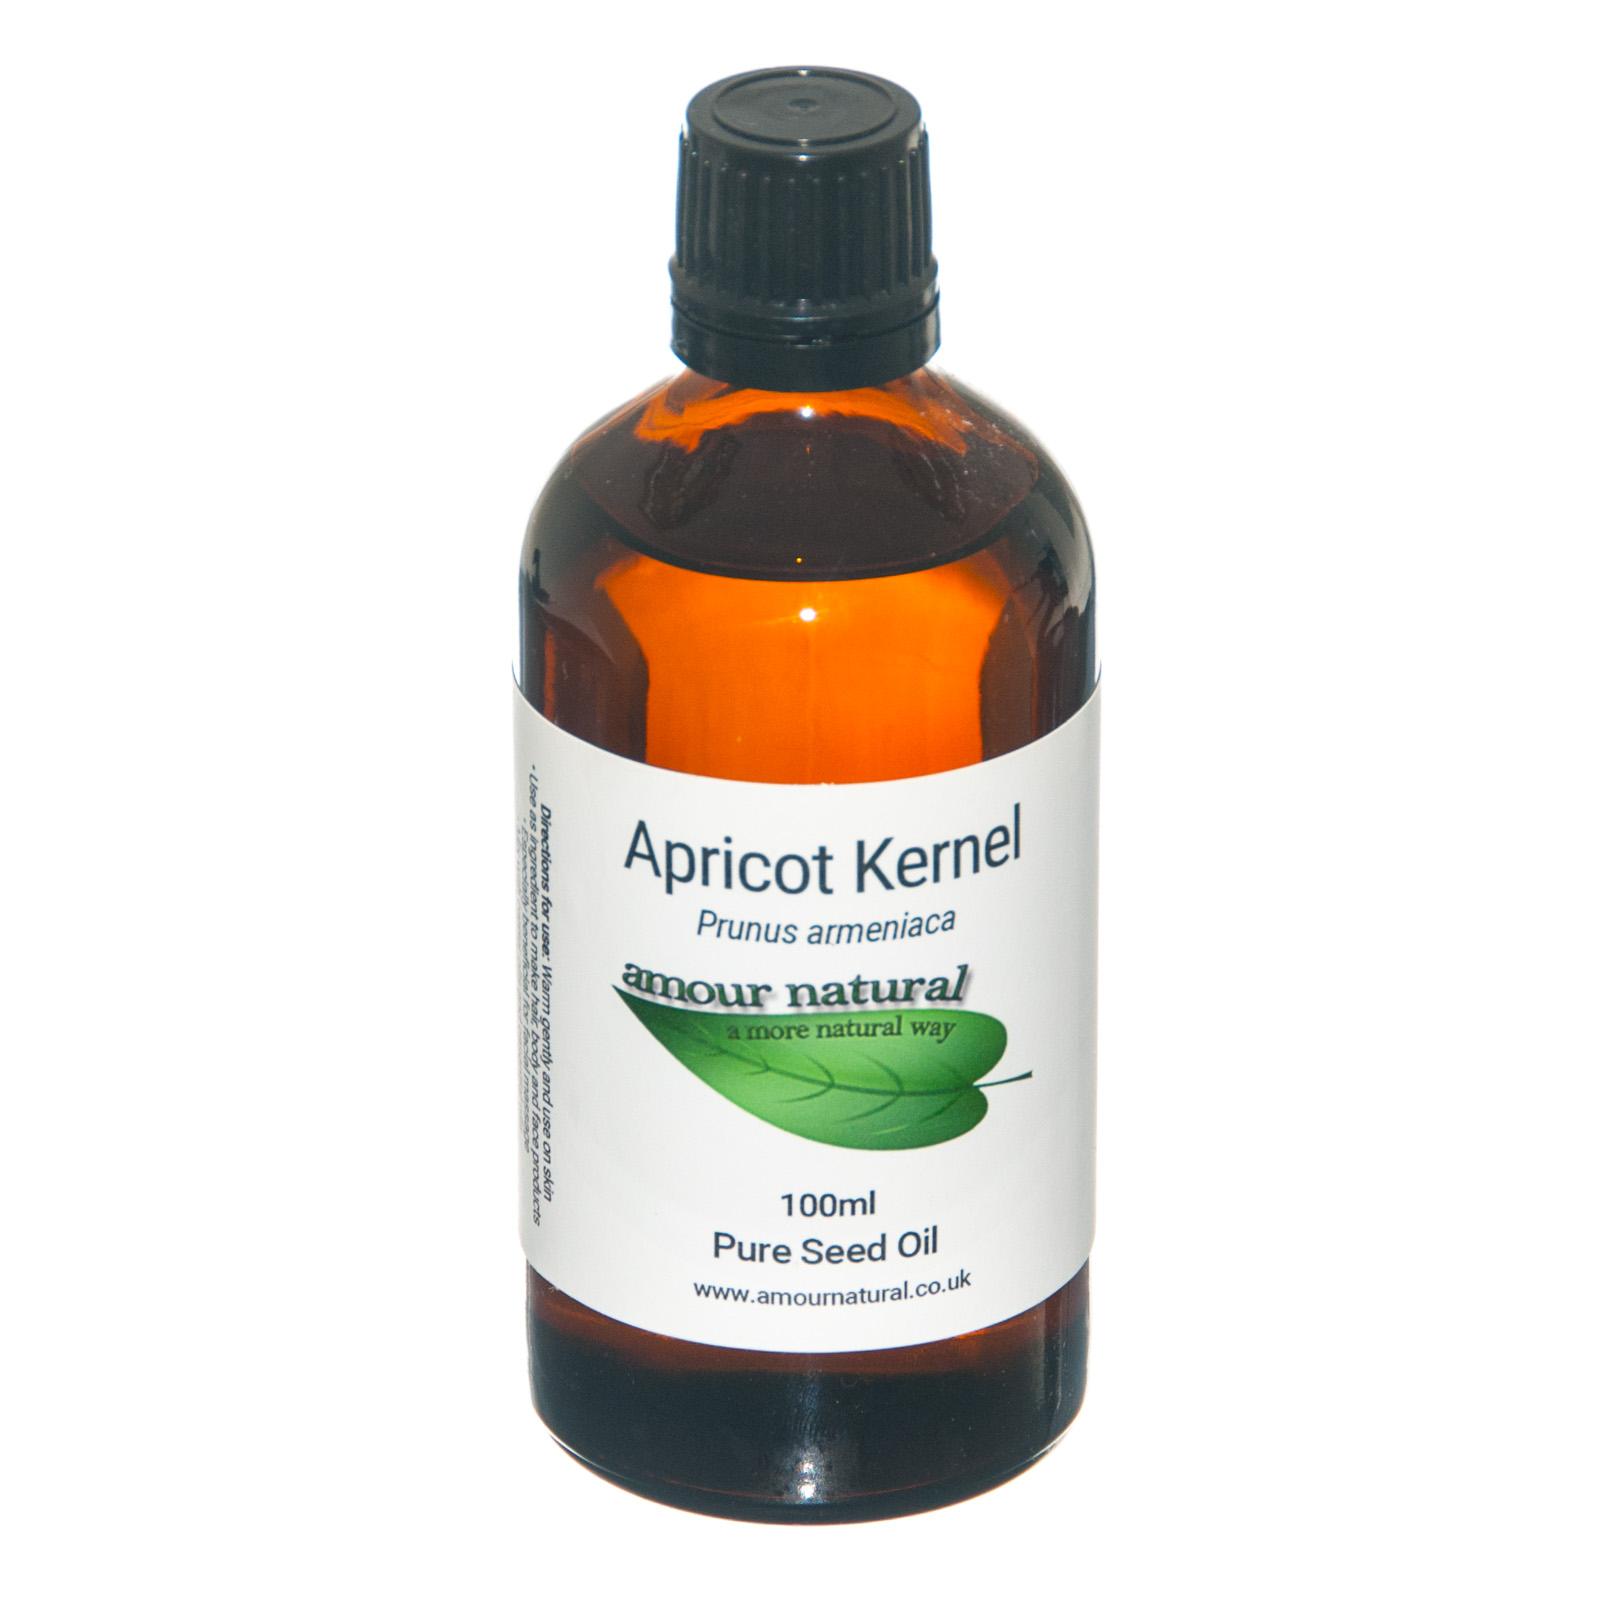 Kernal oil